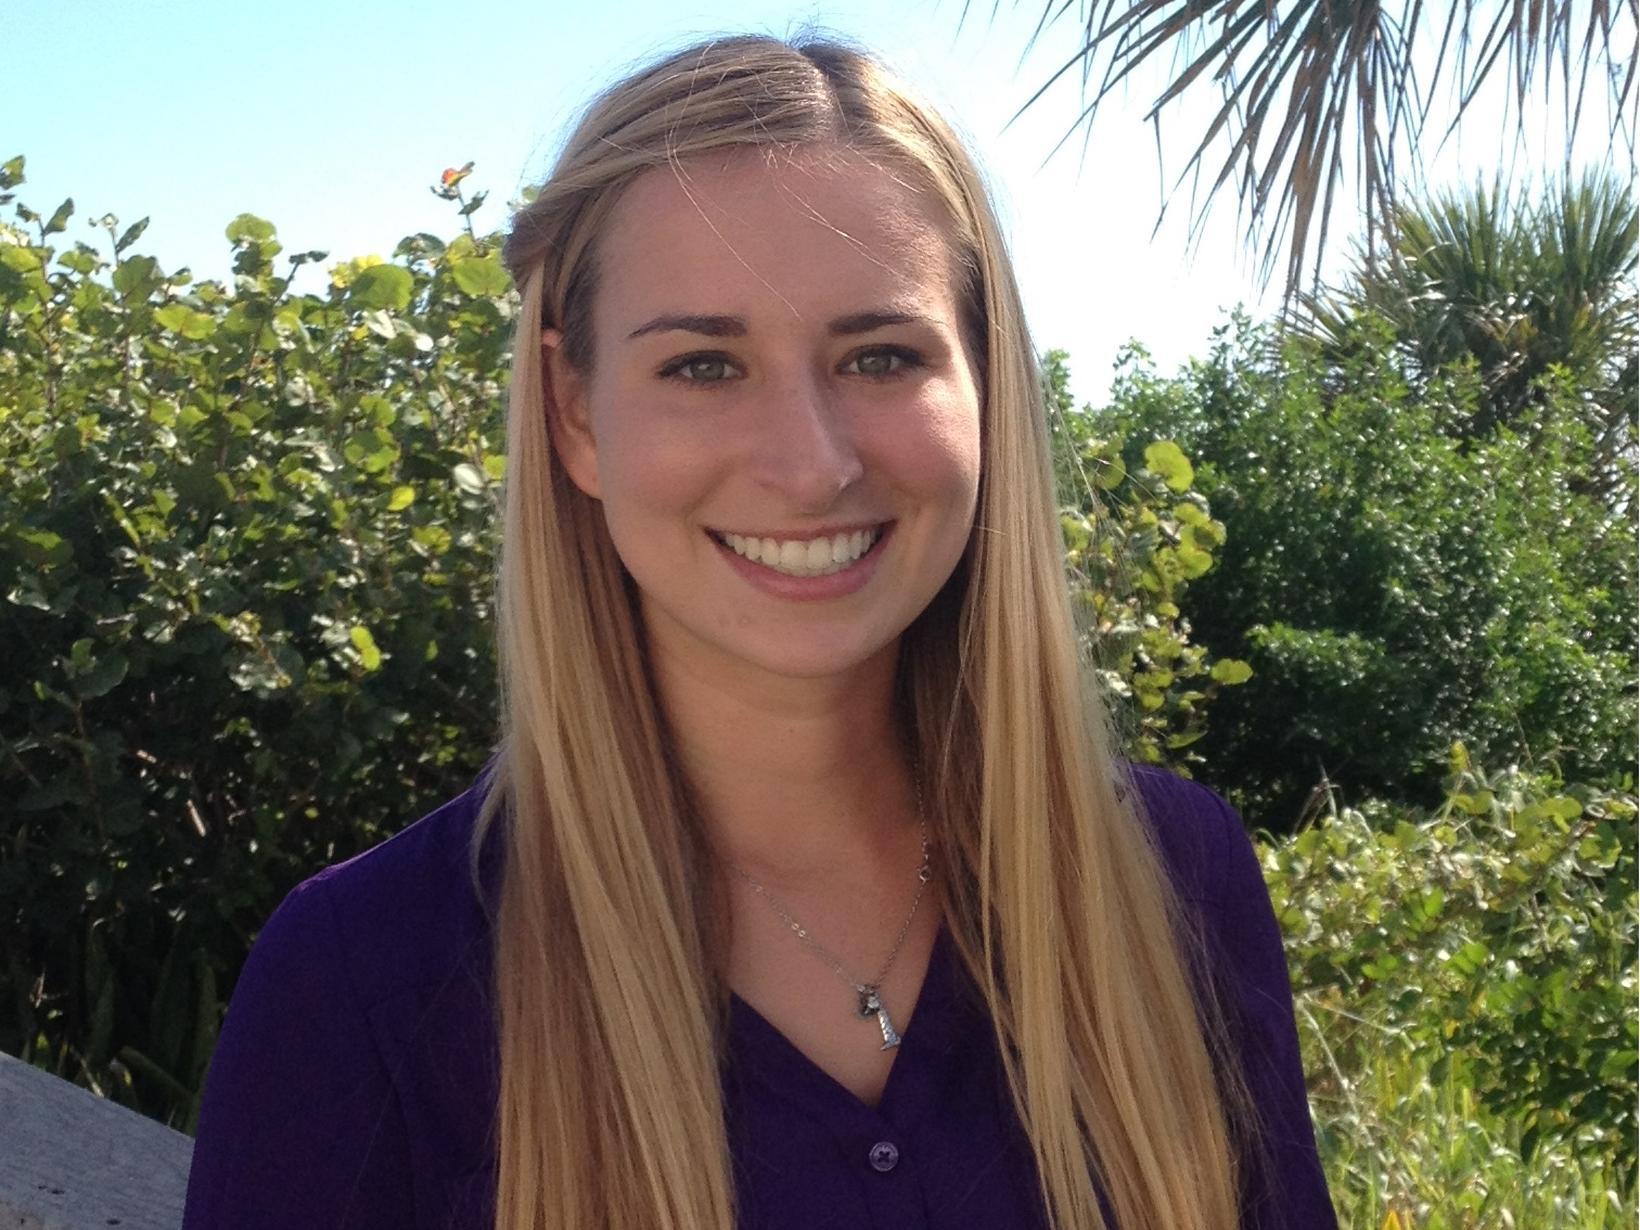 Emily from Jacksonville, Florida, United States